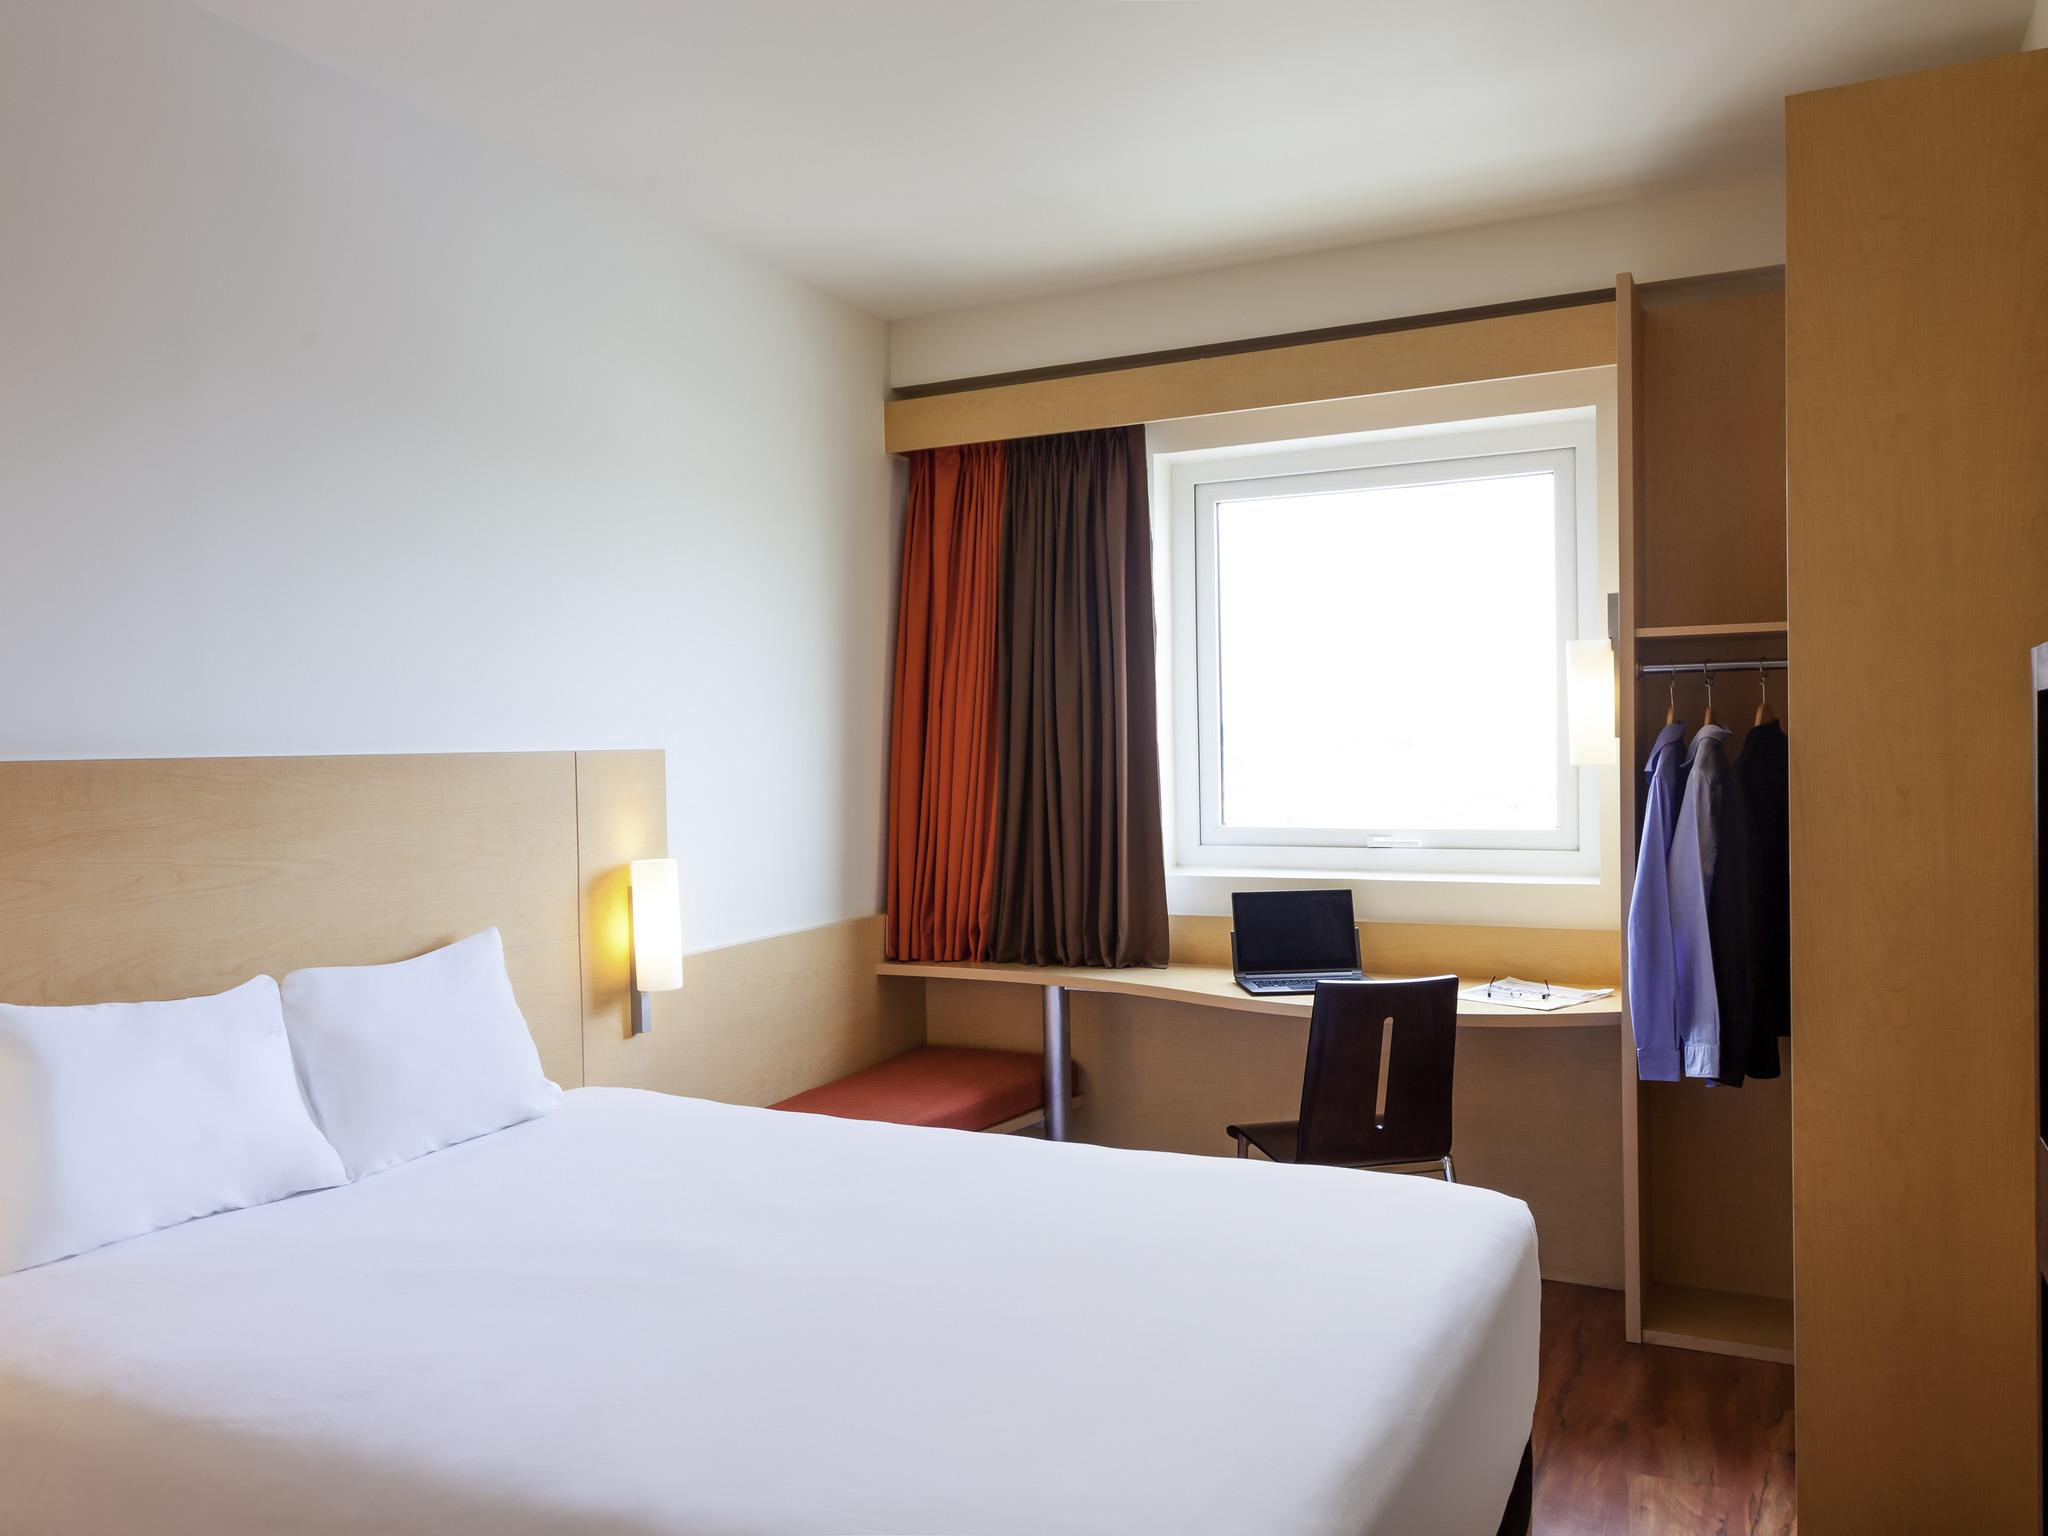 Ibis Hotel Preise